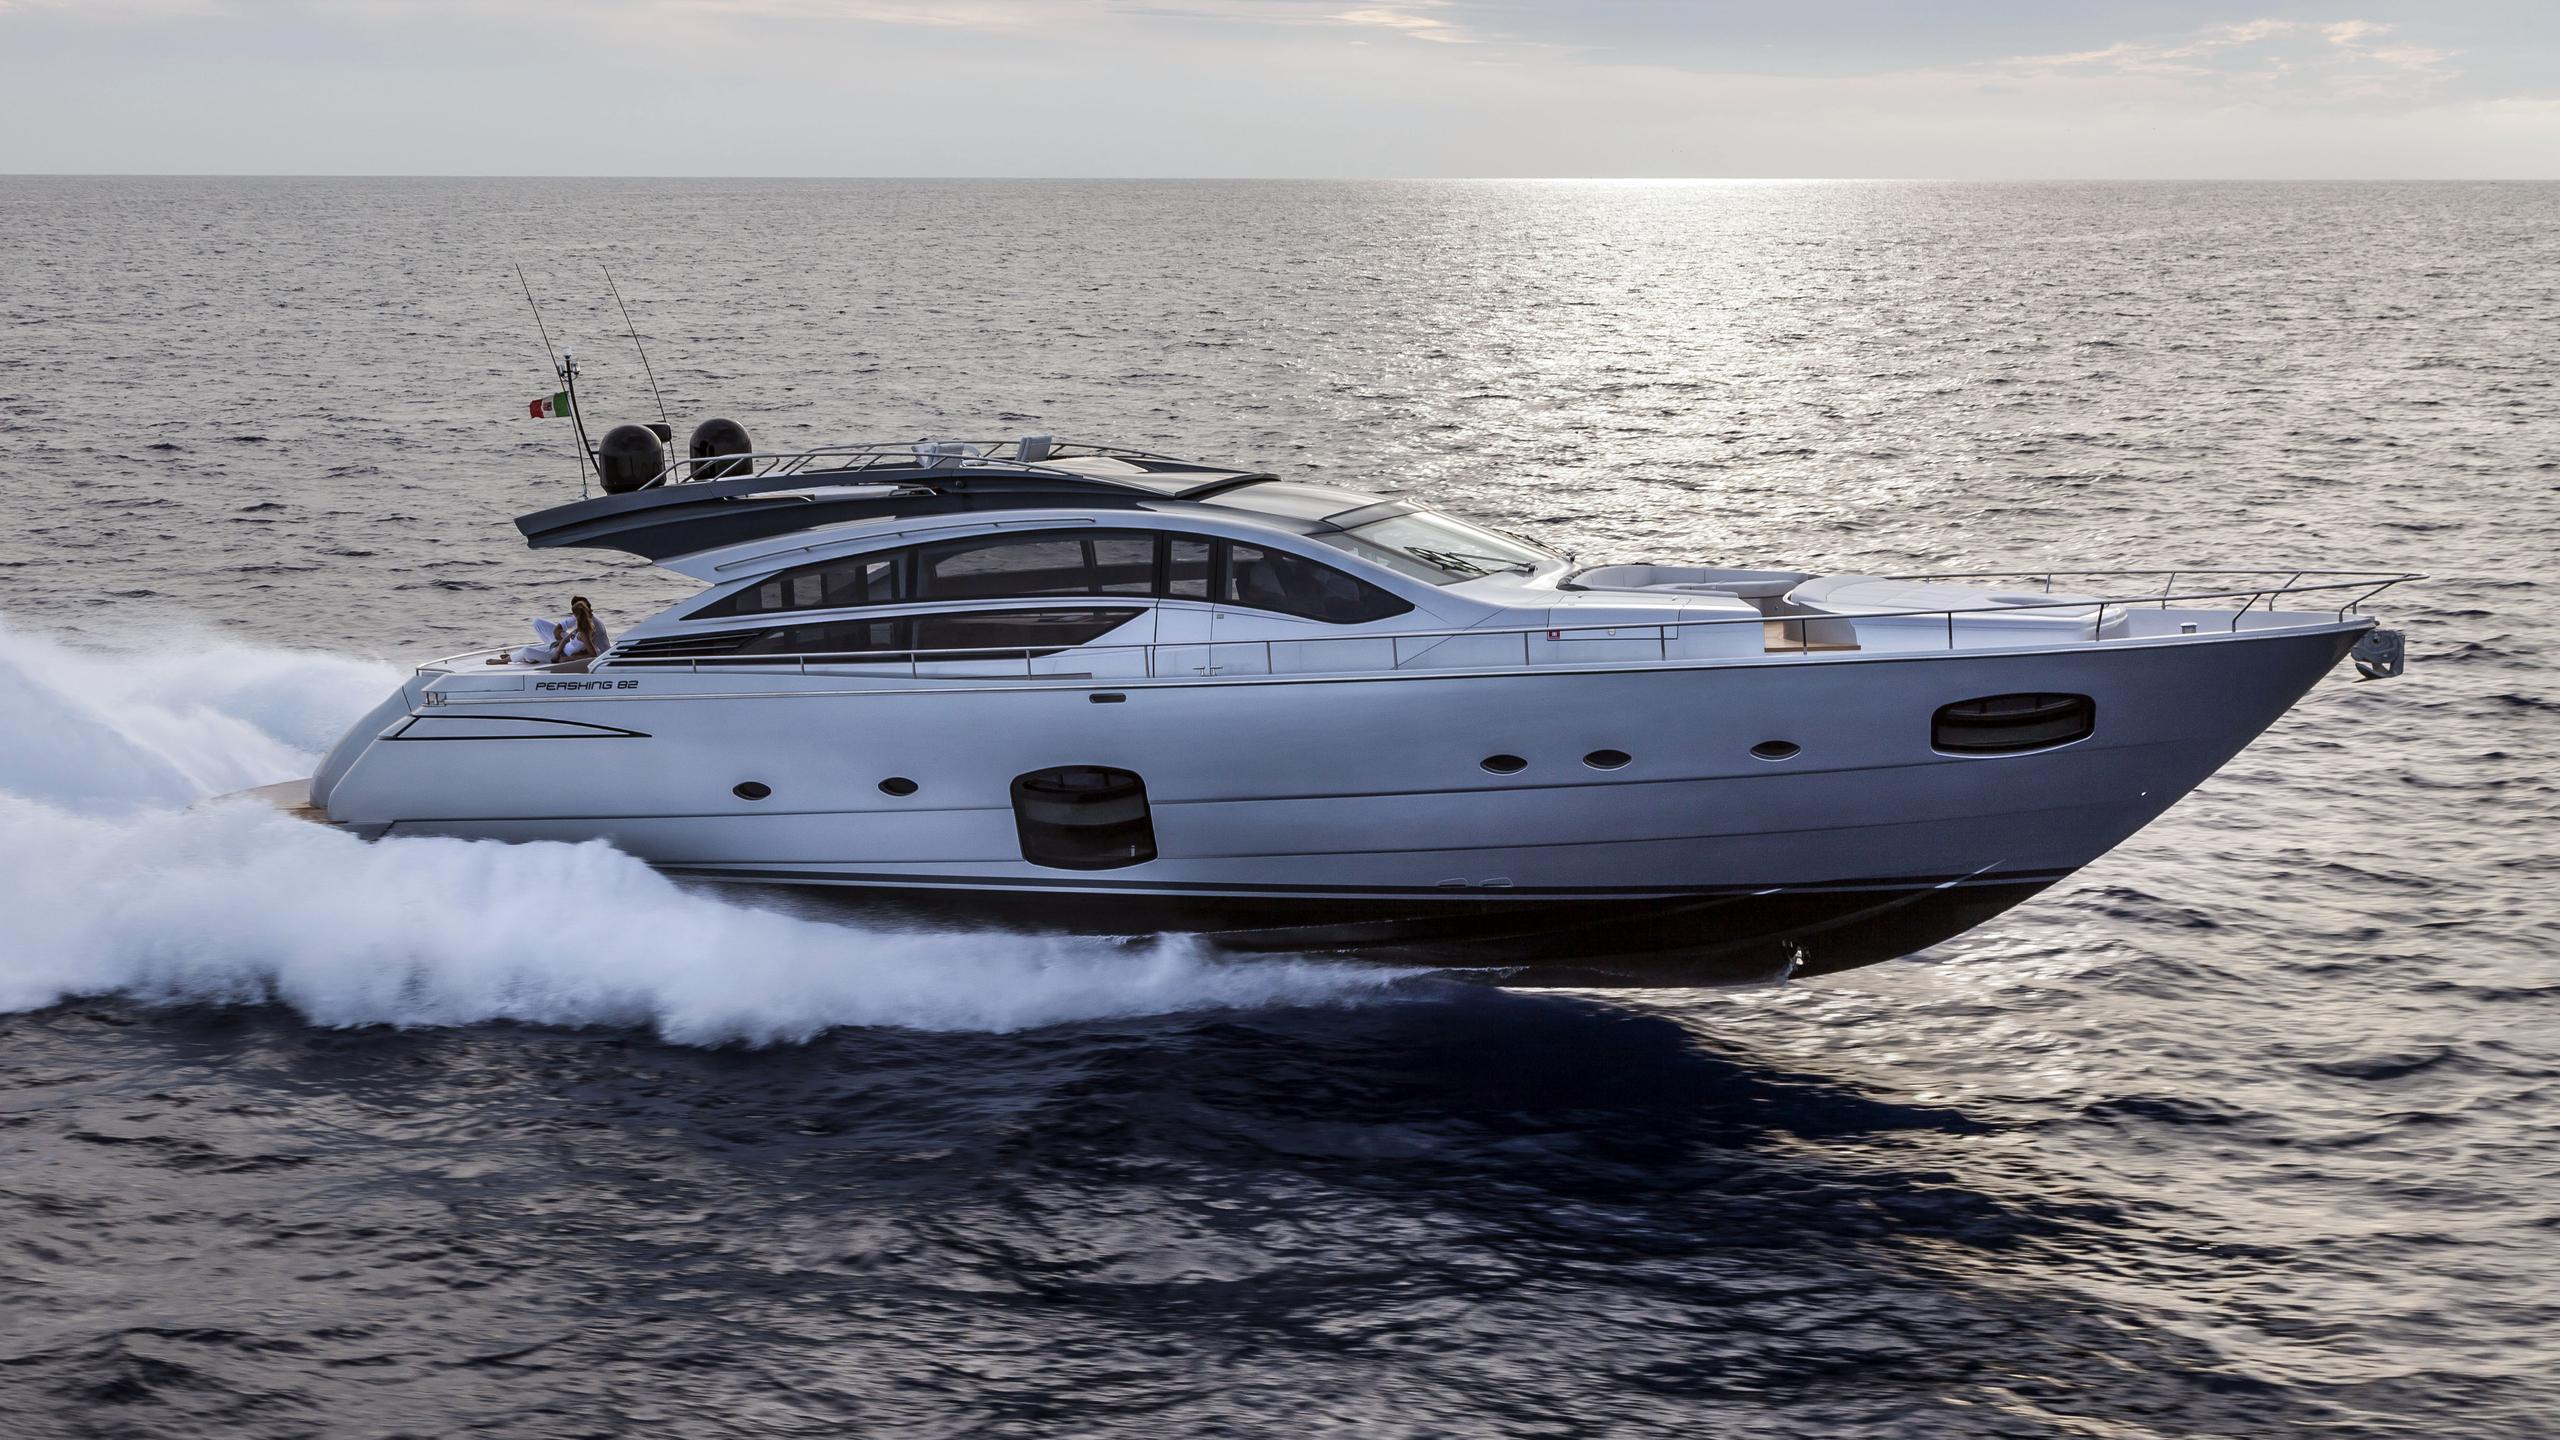 mig-i-mig-pershing-82-motor-yacht-2015-25m-cruising-sistership